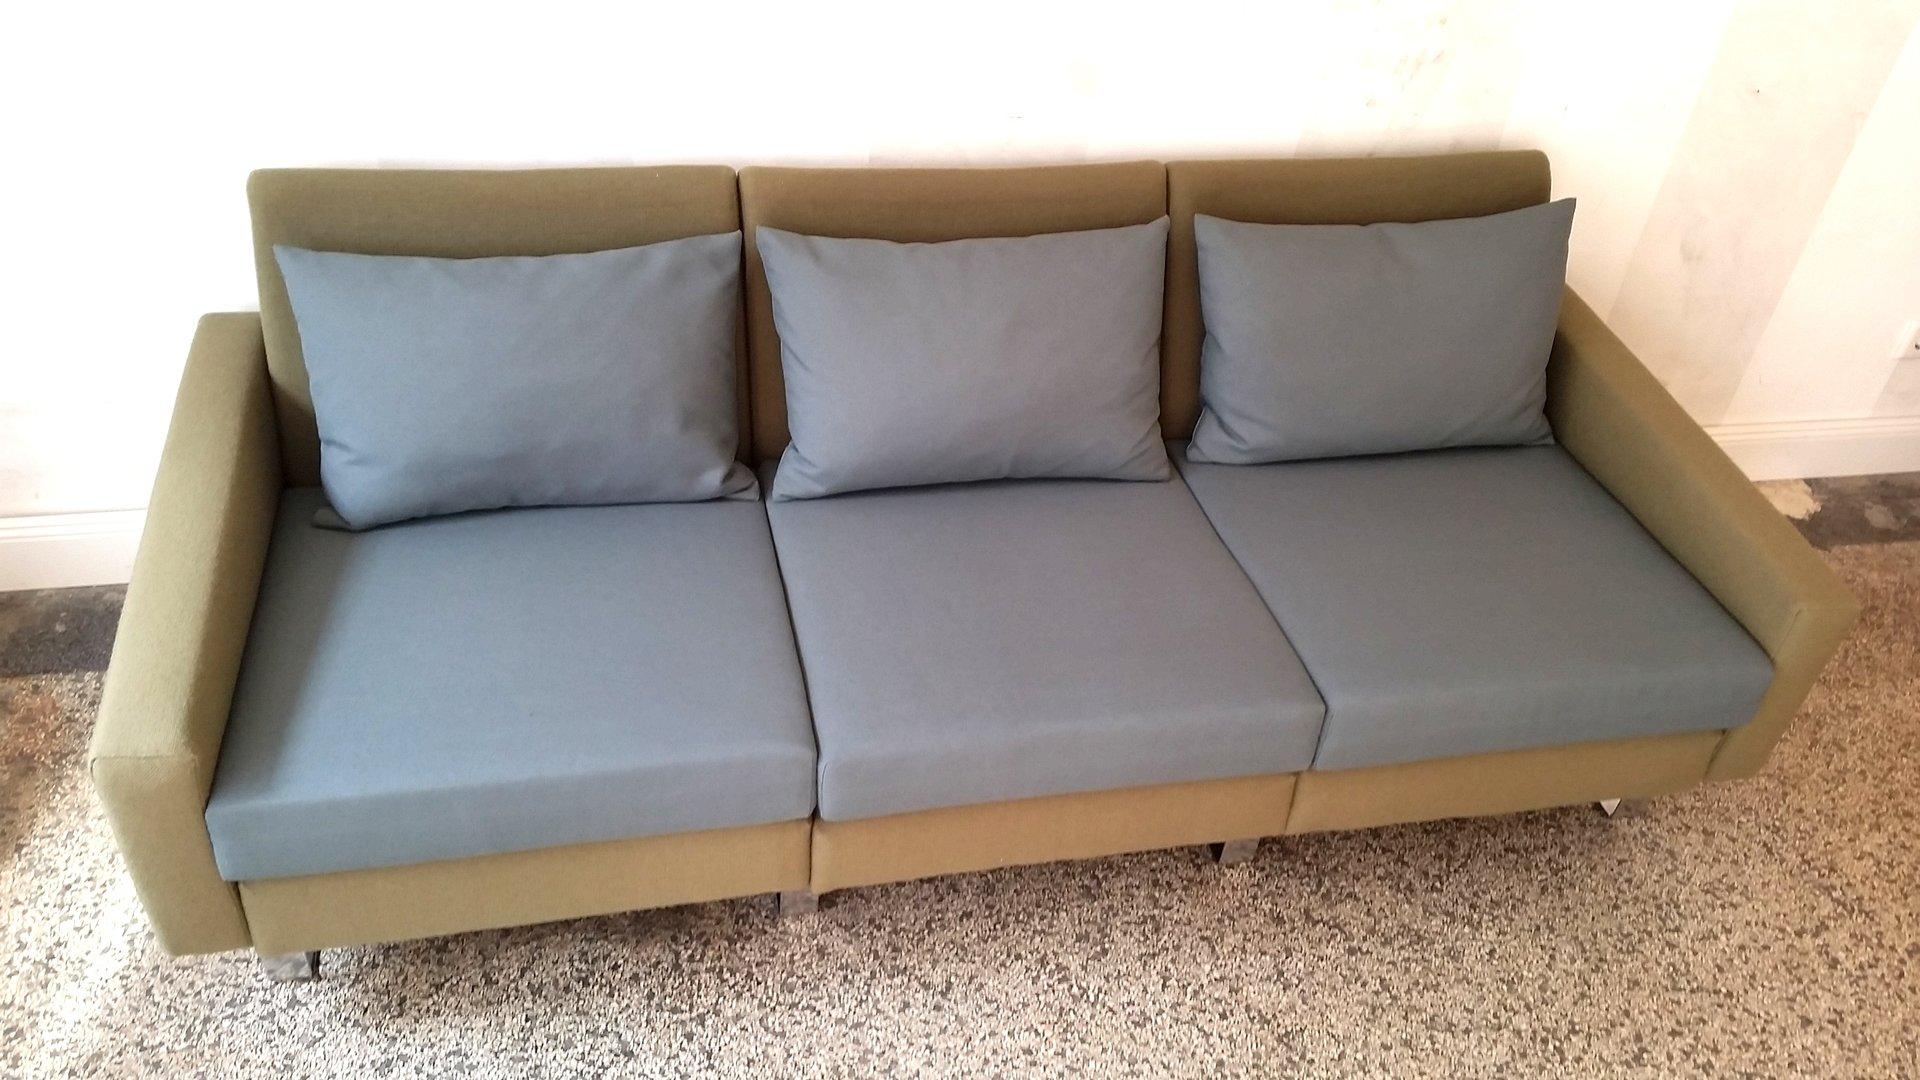 canap trois places modulable par friedrich wilhelm m ller pour cor en vente sur pamono. Black Bedroom Furniture Sets. Home Design Ideas